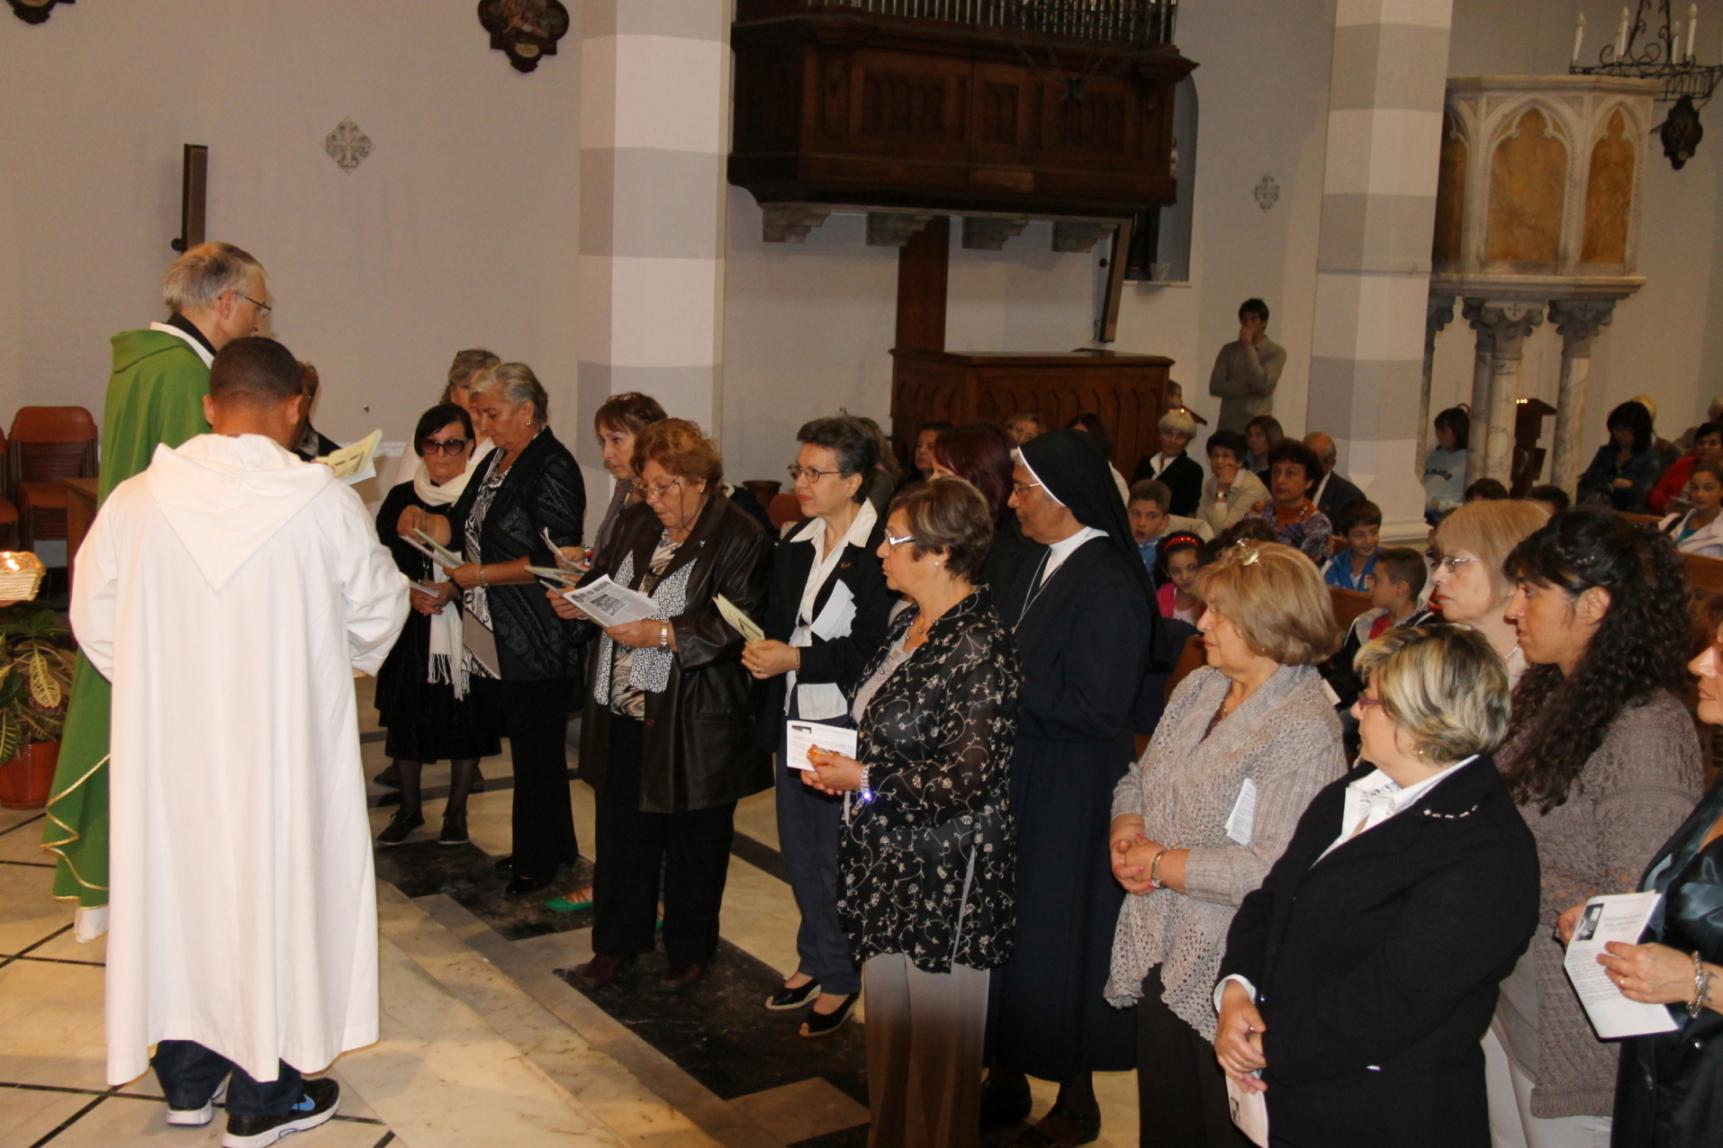 inaugurazione_anno_catechistico_e_anno_della_fede_2012-10-07-11-31-09